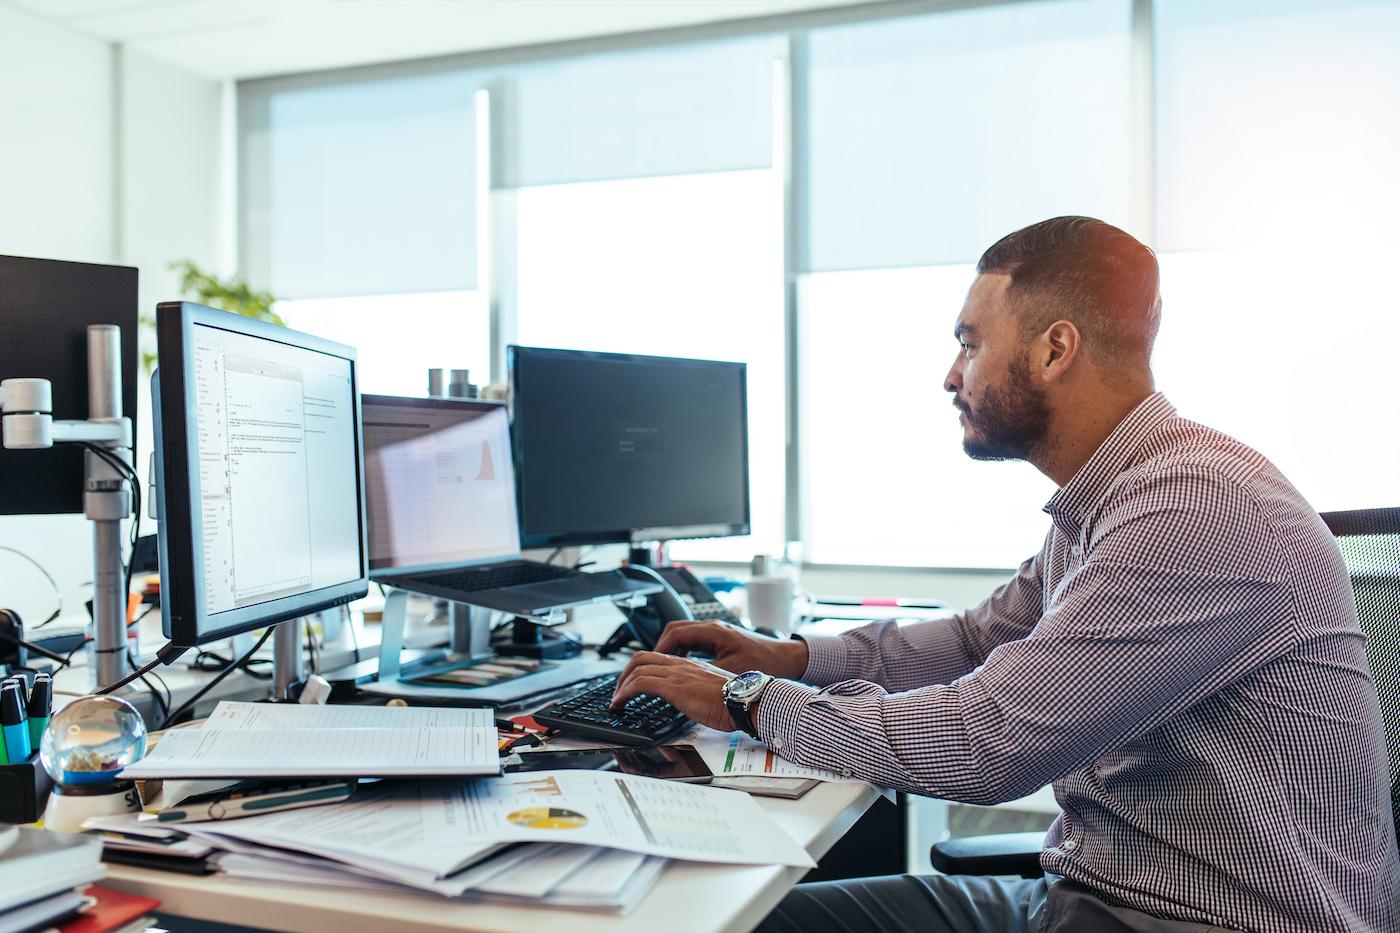 Append Associated Work Order tasks to Rental Ticket